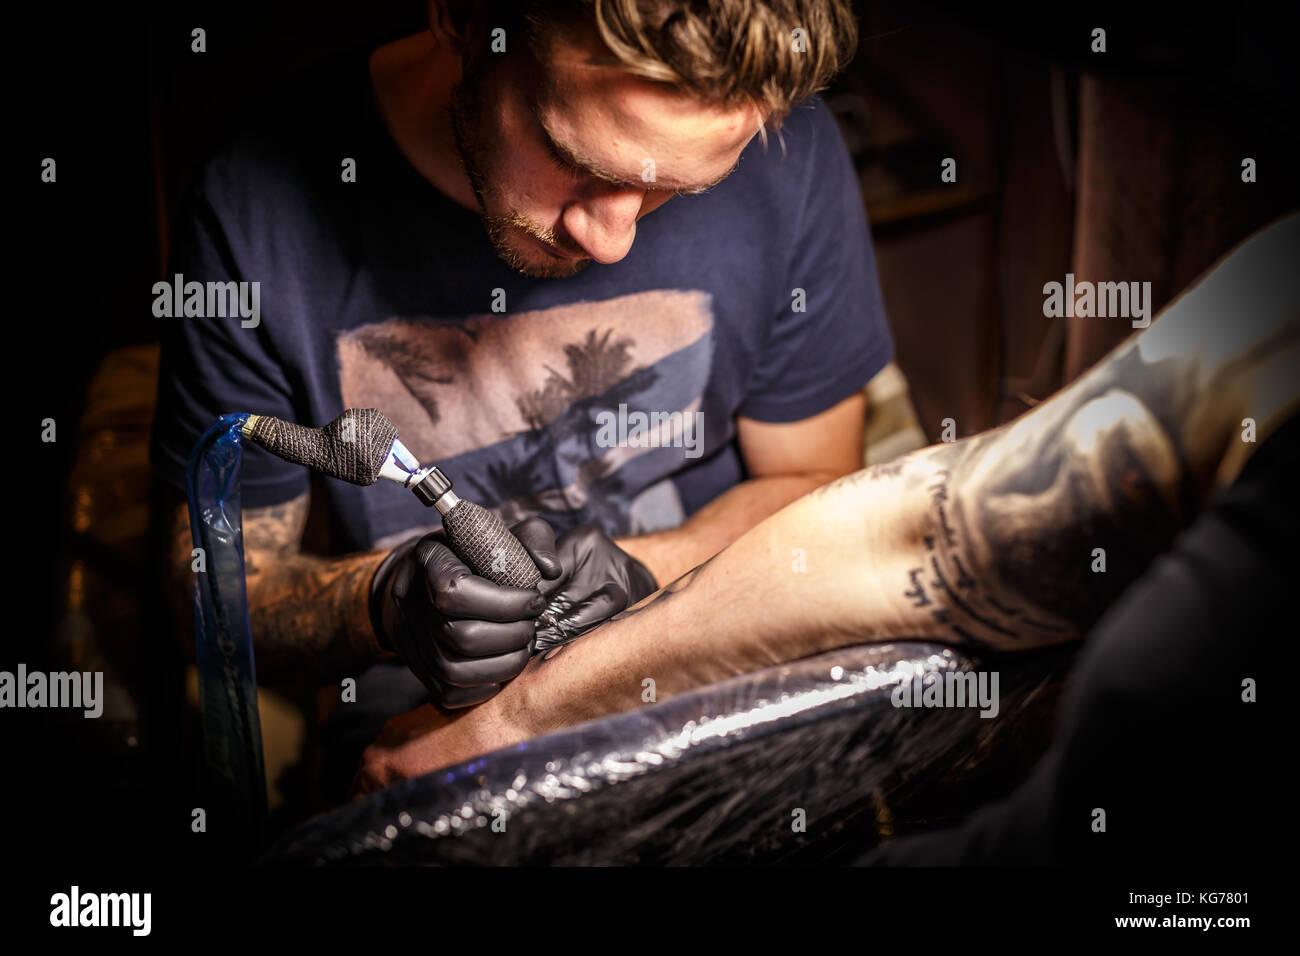 Tatoueur professionnel à travailler dans un studio de tatouage. Photo Stock